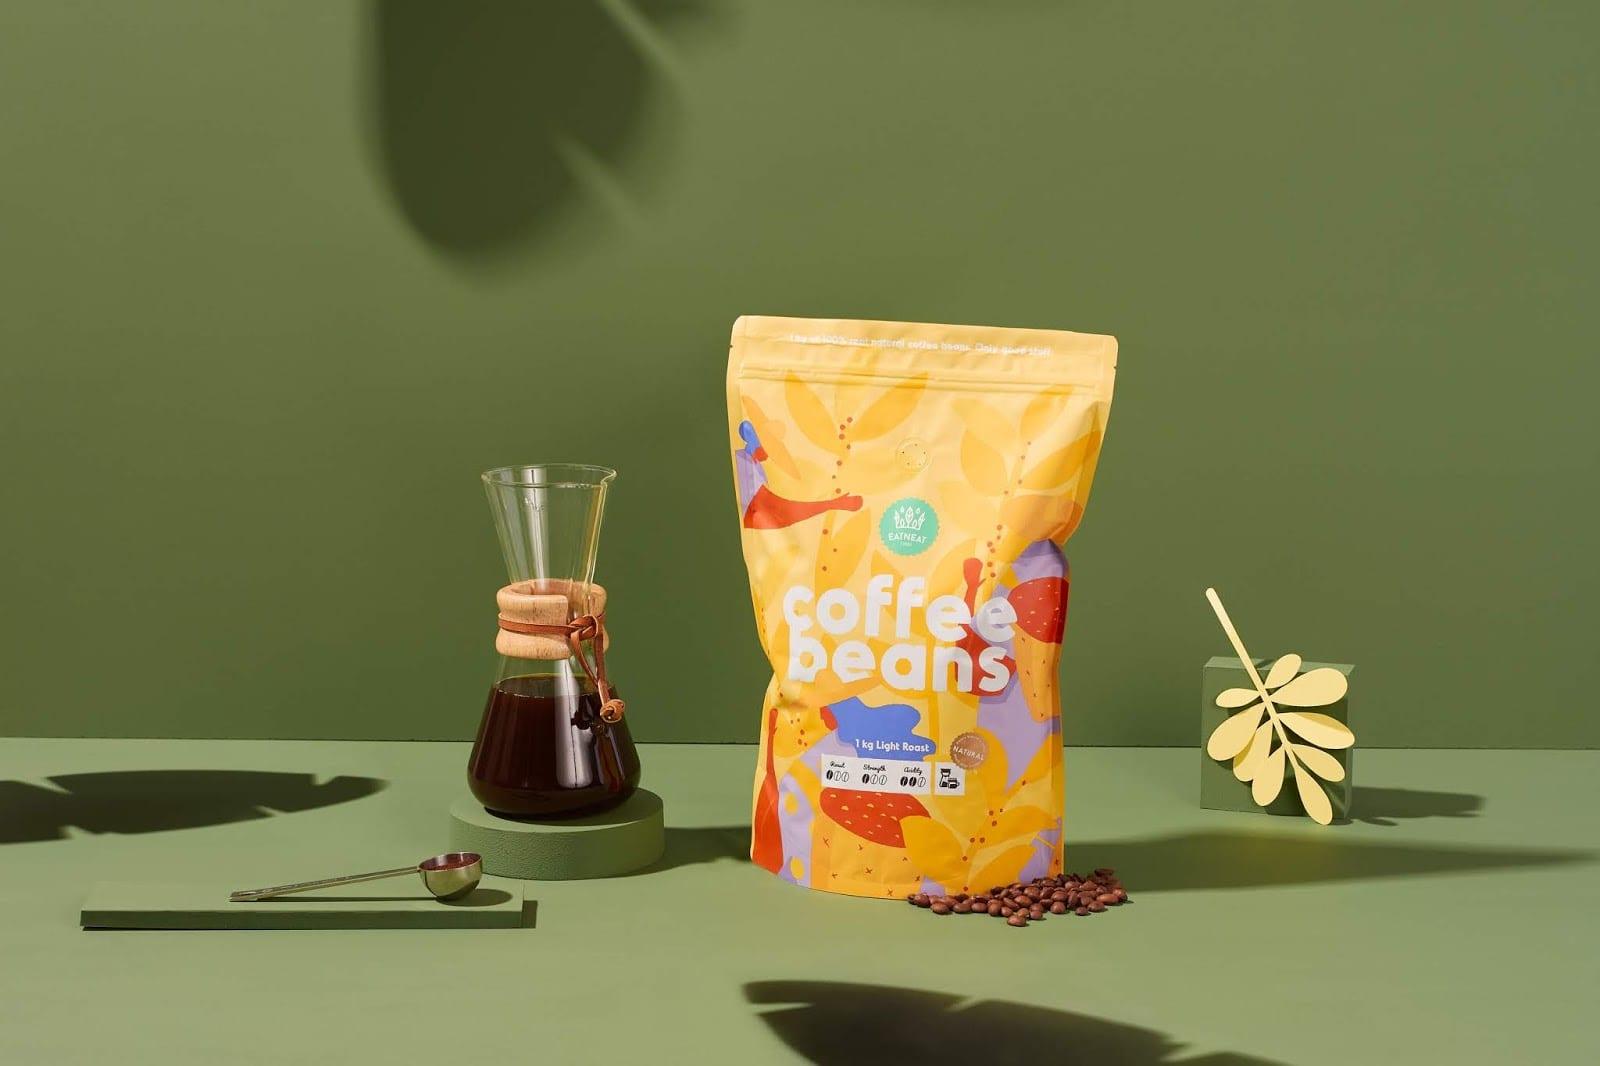 coffeebeans9 - Coffee Beans je nová značka kávy s hravým obalem